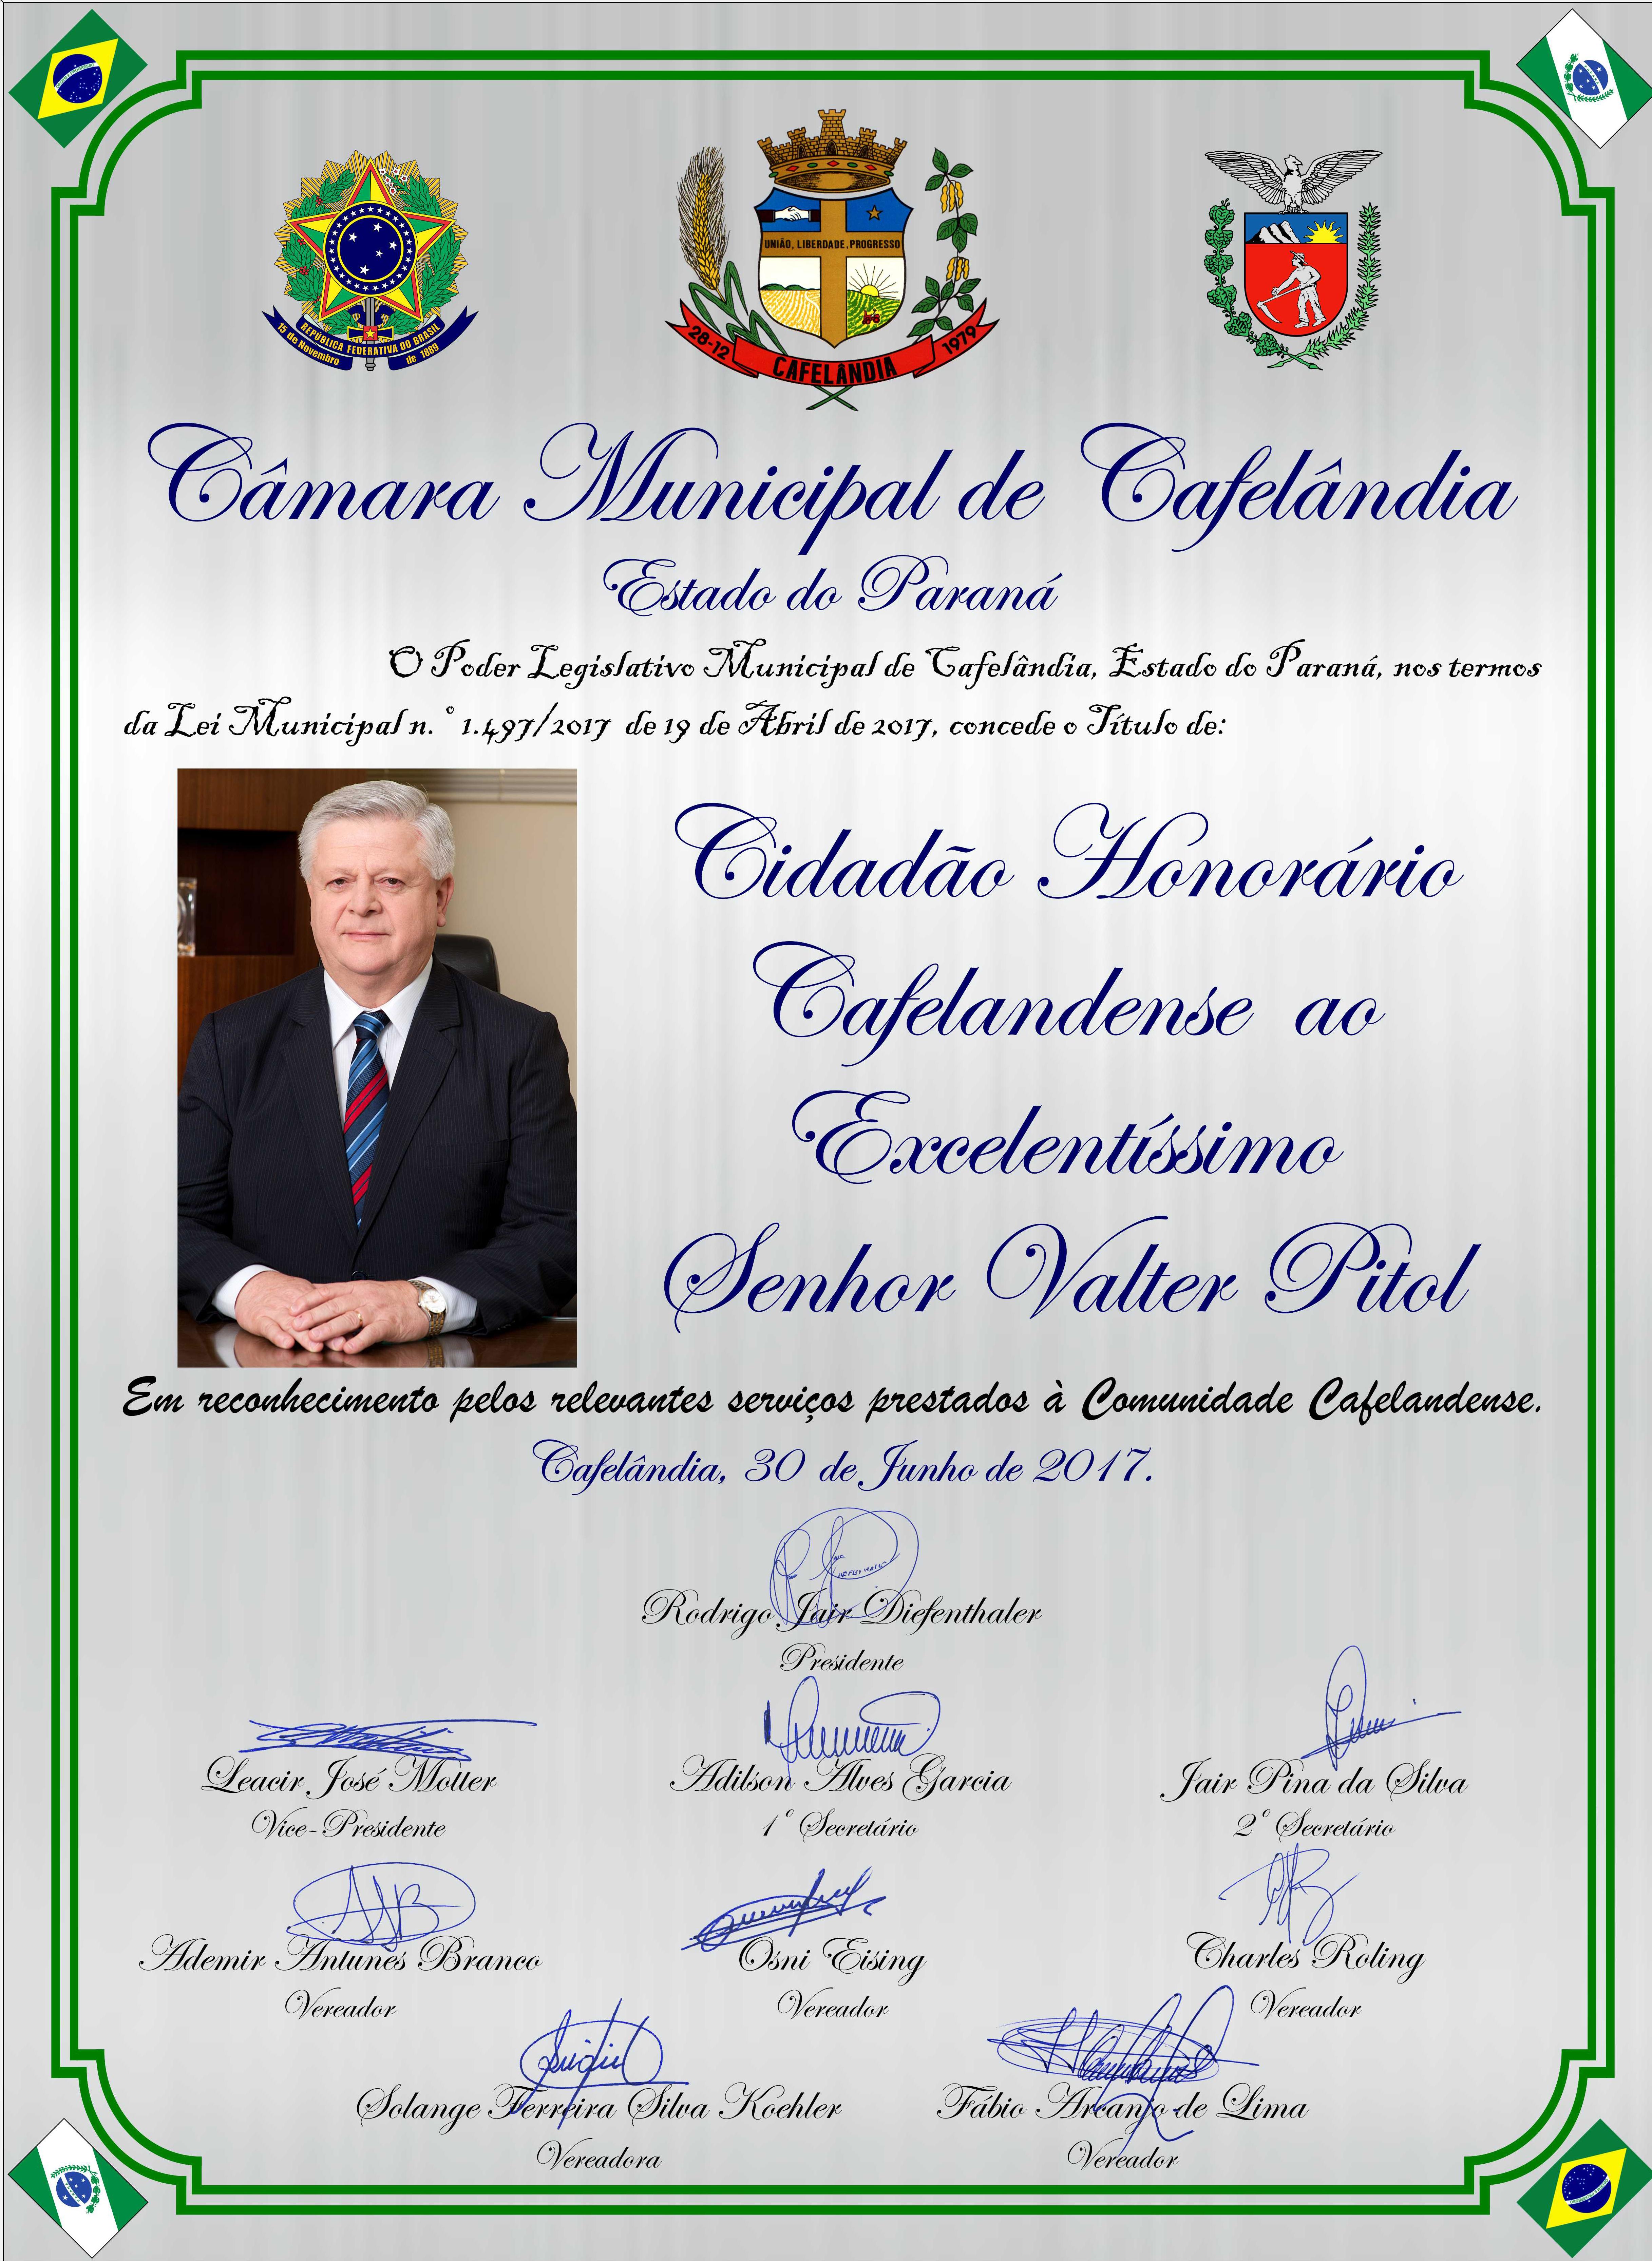 A Câmara Municipal de Cafelândia Concede Título de Cidadão Honorário ao Excelentíssimo Senhor Valter Pitol